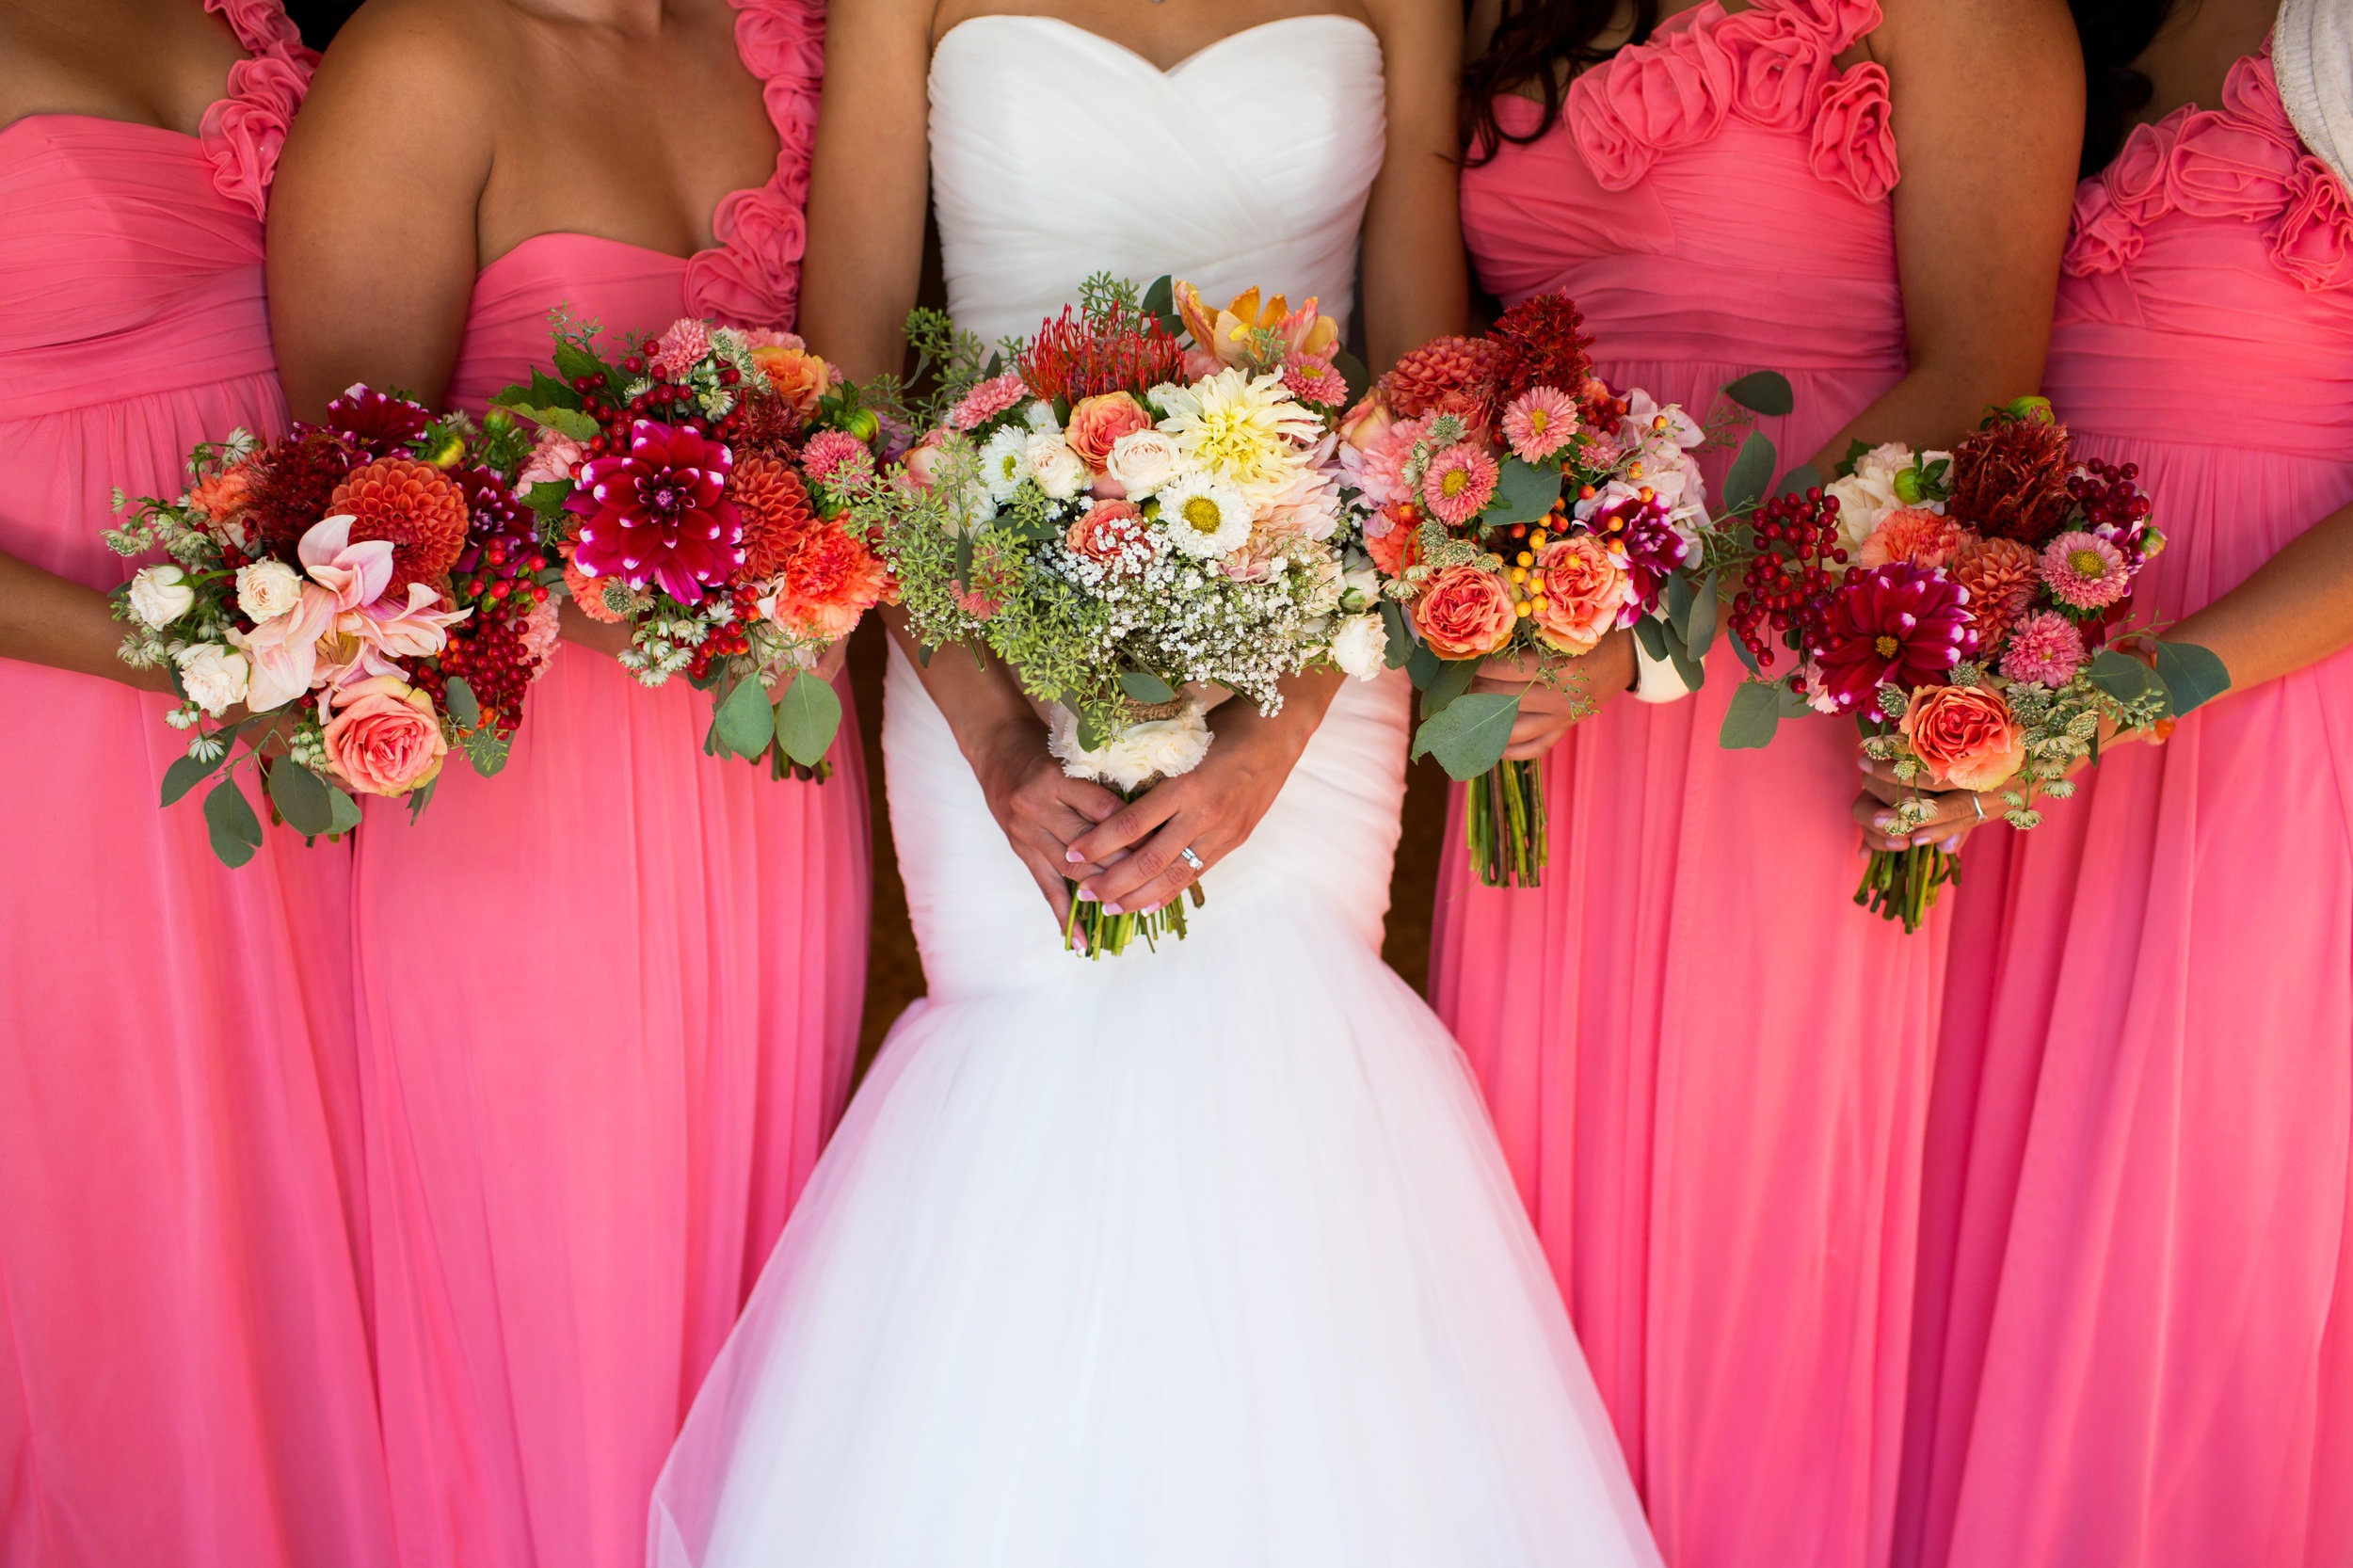 $100 off - proimage weddingssan luis obispo, california